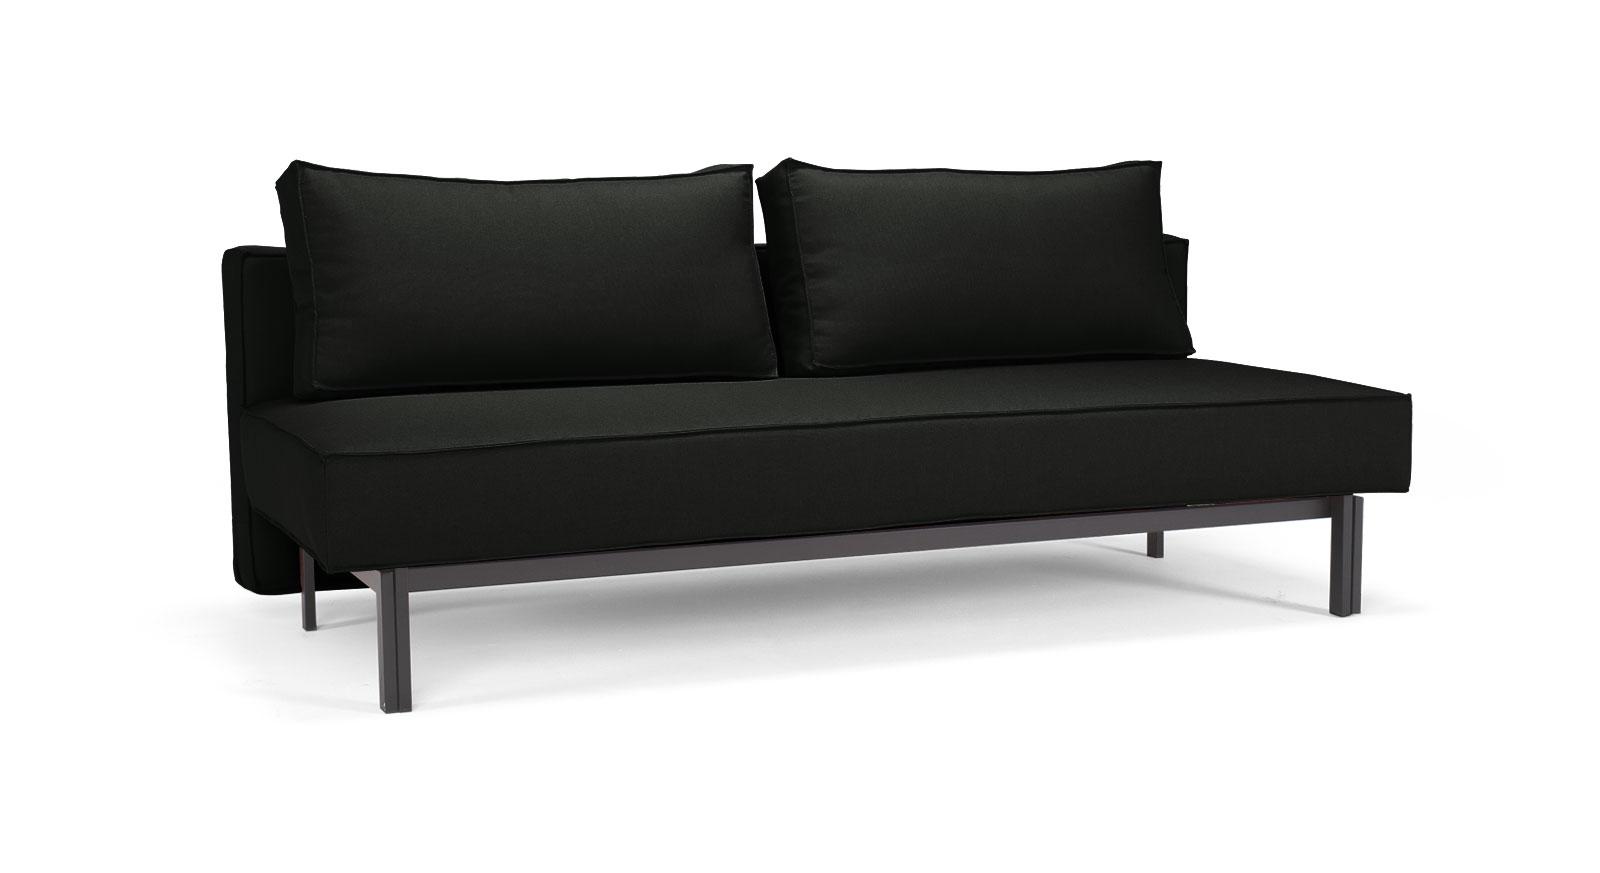 schlafsofa mit federkern und 140x200cm liegefl che ellwood. Black Bedroom Furniture Sets. Home Design Ideas